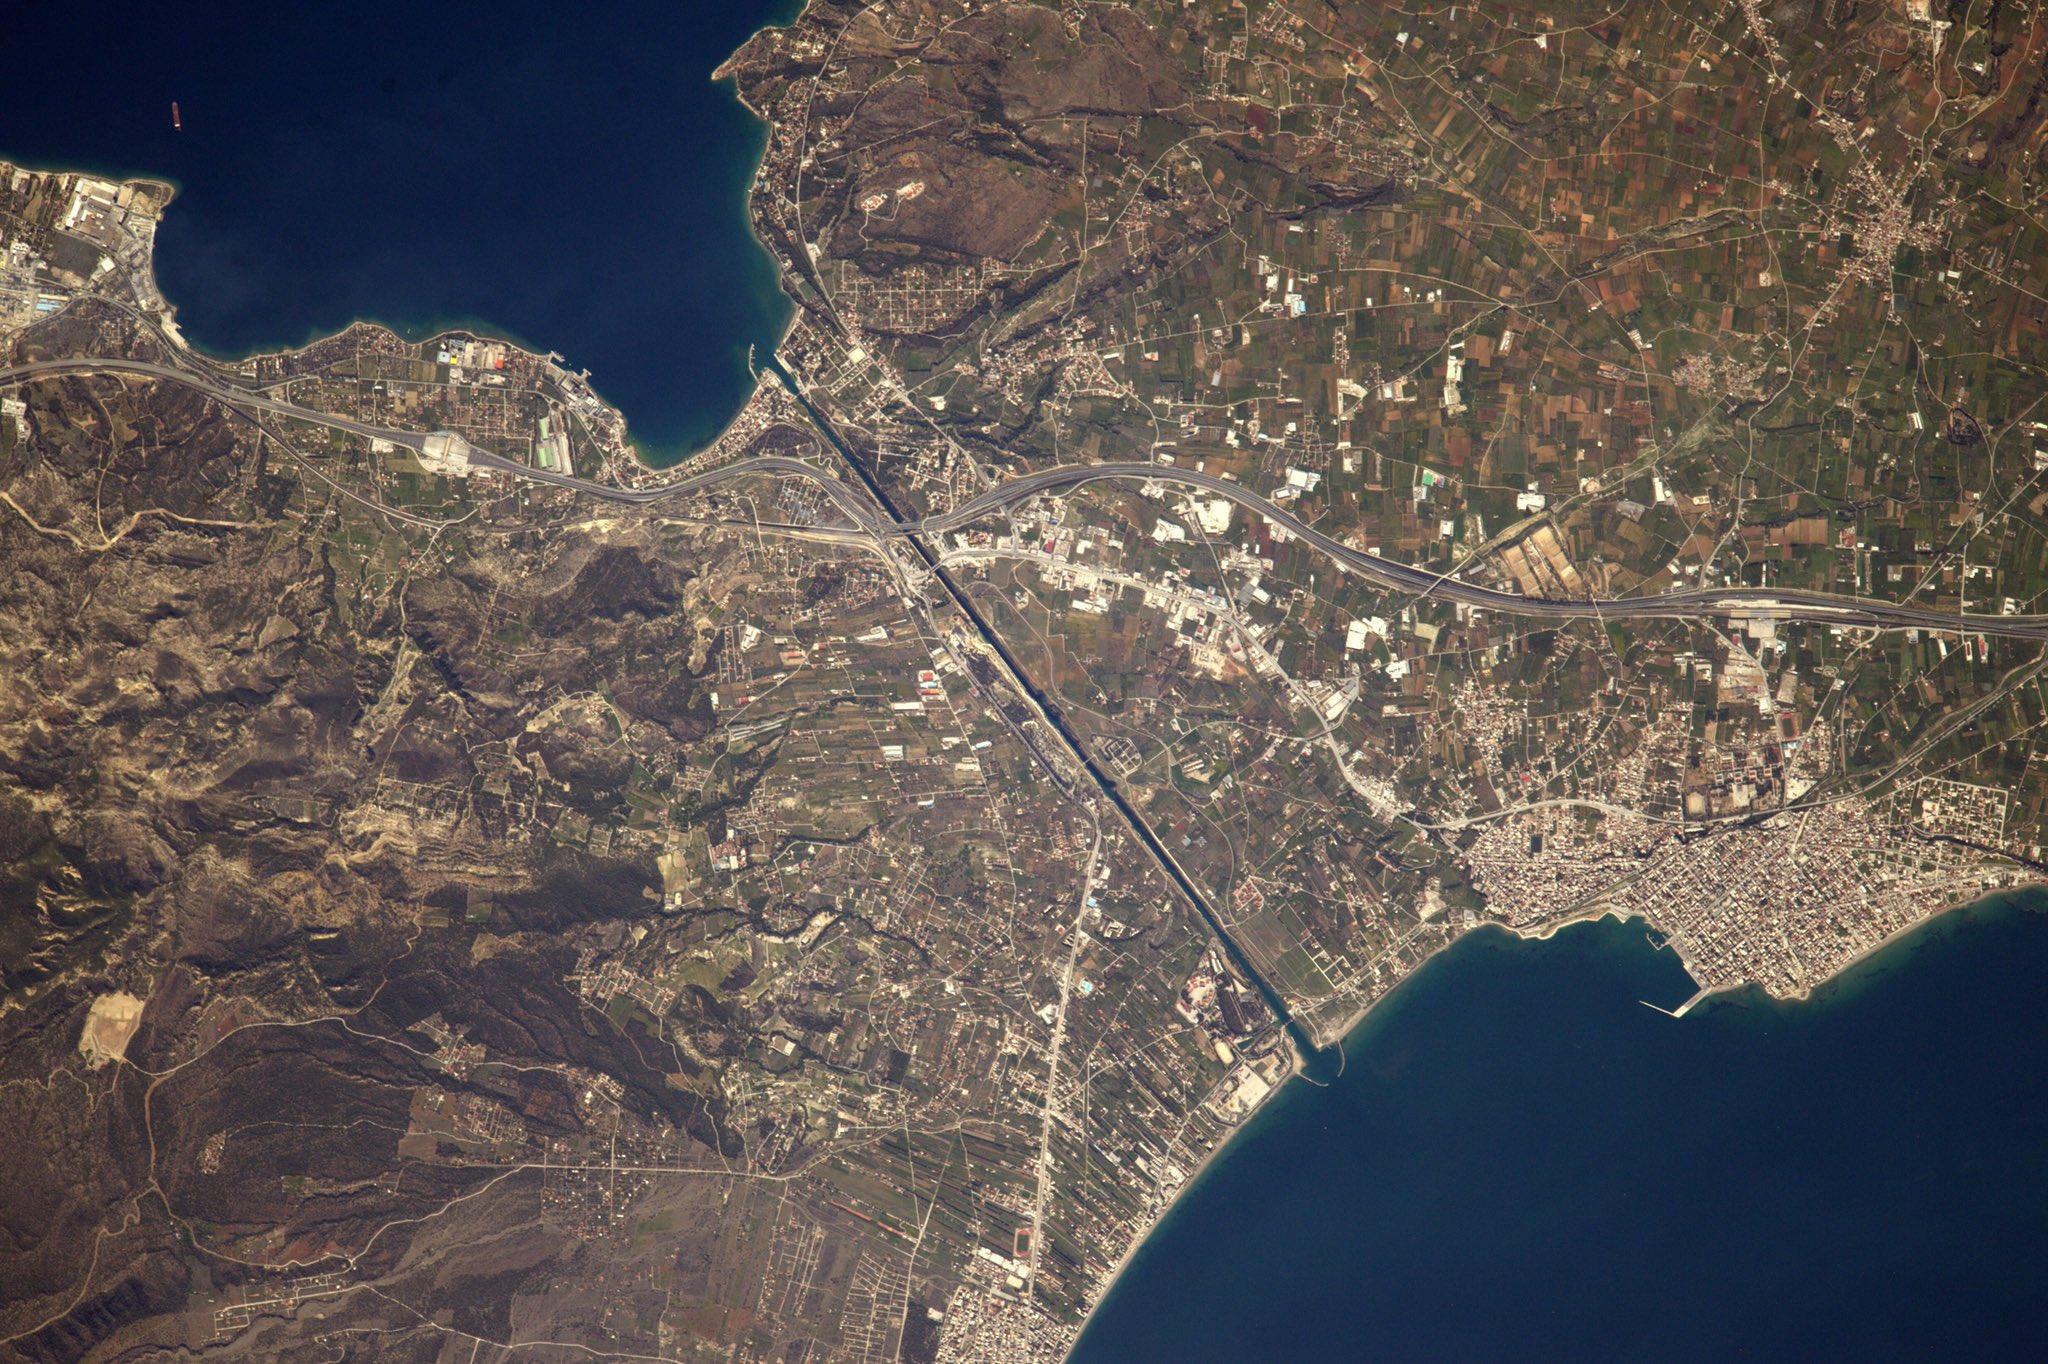 Le canal de Corinthe délimitant la Grèce du Péloponnèse.